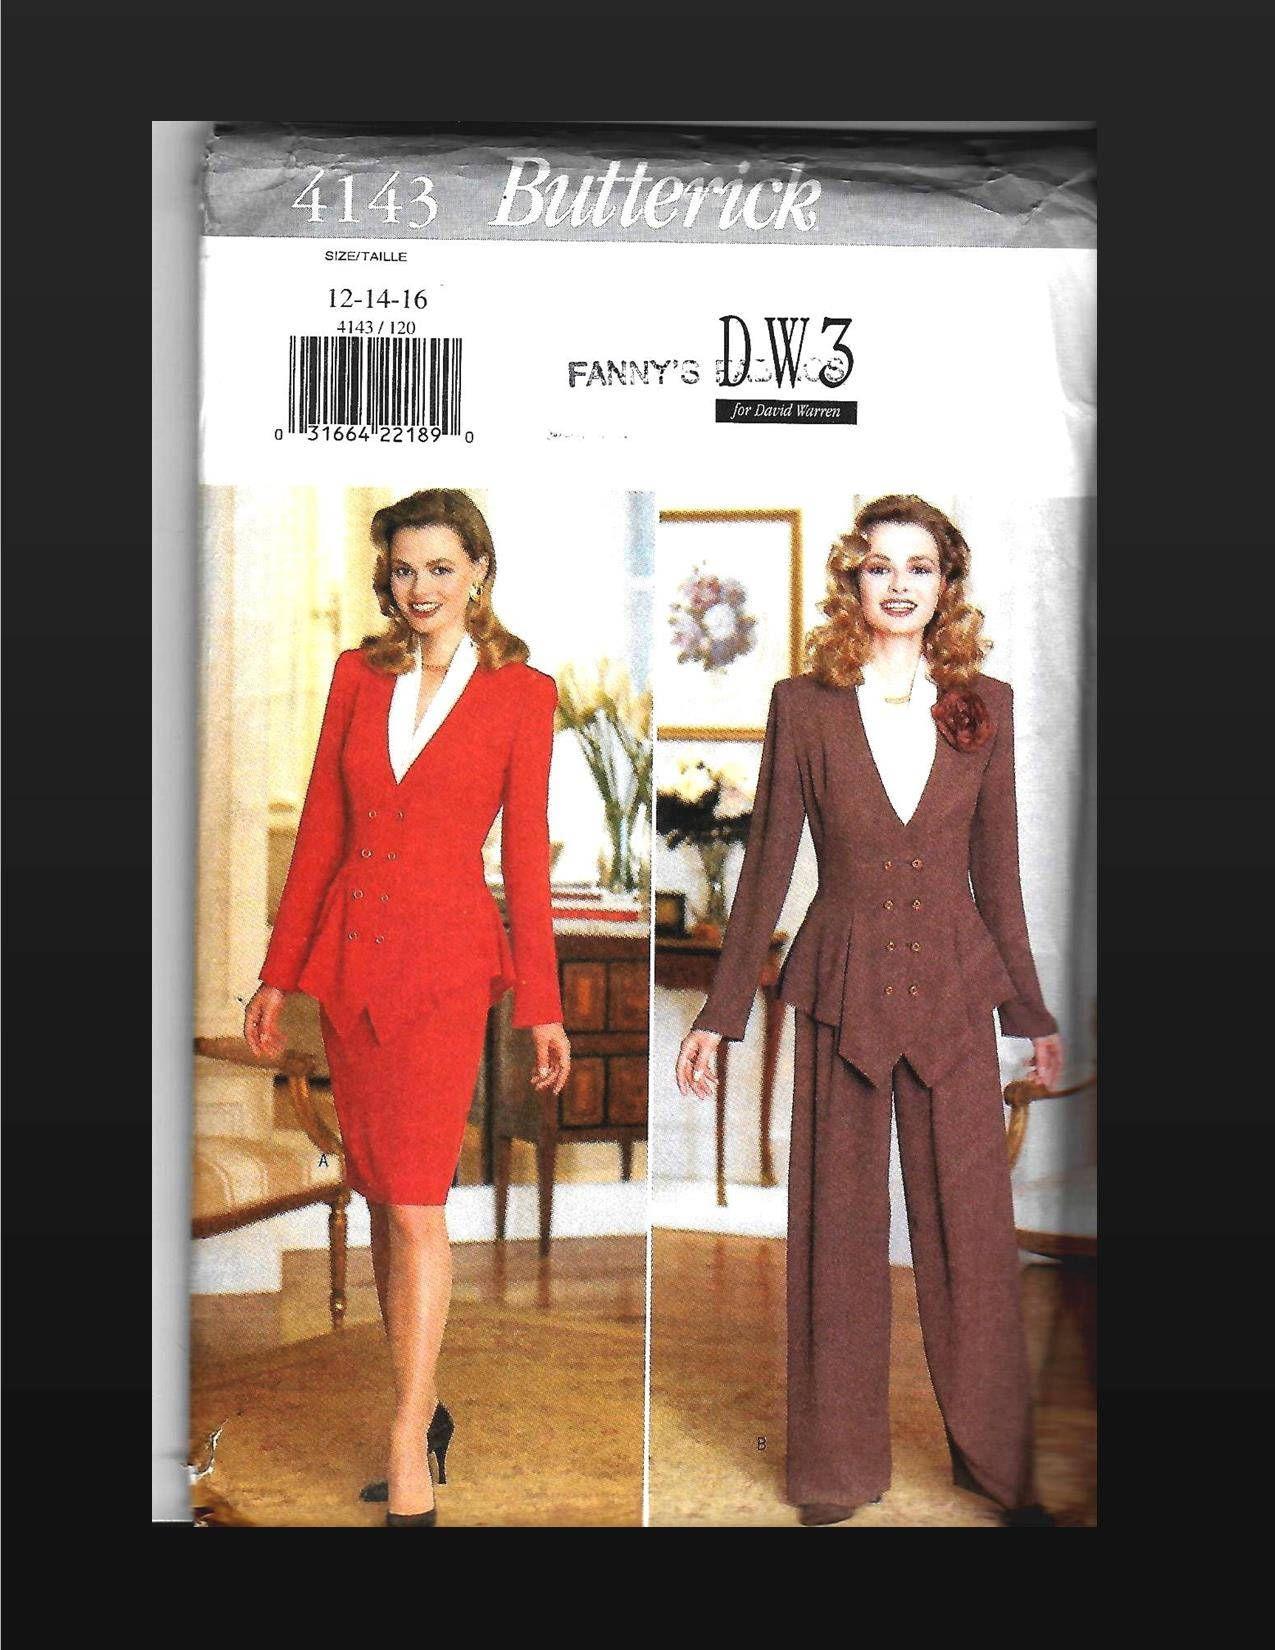 Butterick 4143 Top Skirt Pants Suit Pattern Misses Size 12 14 16